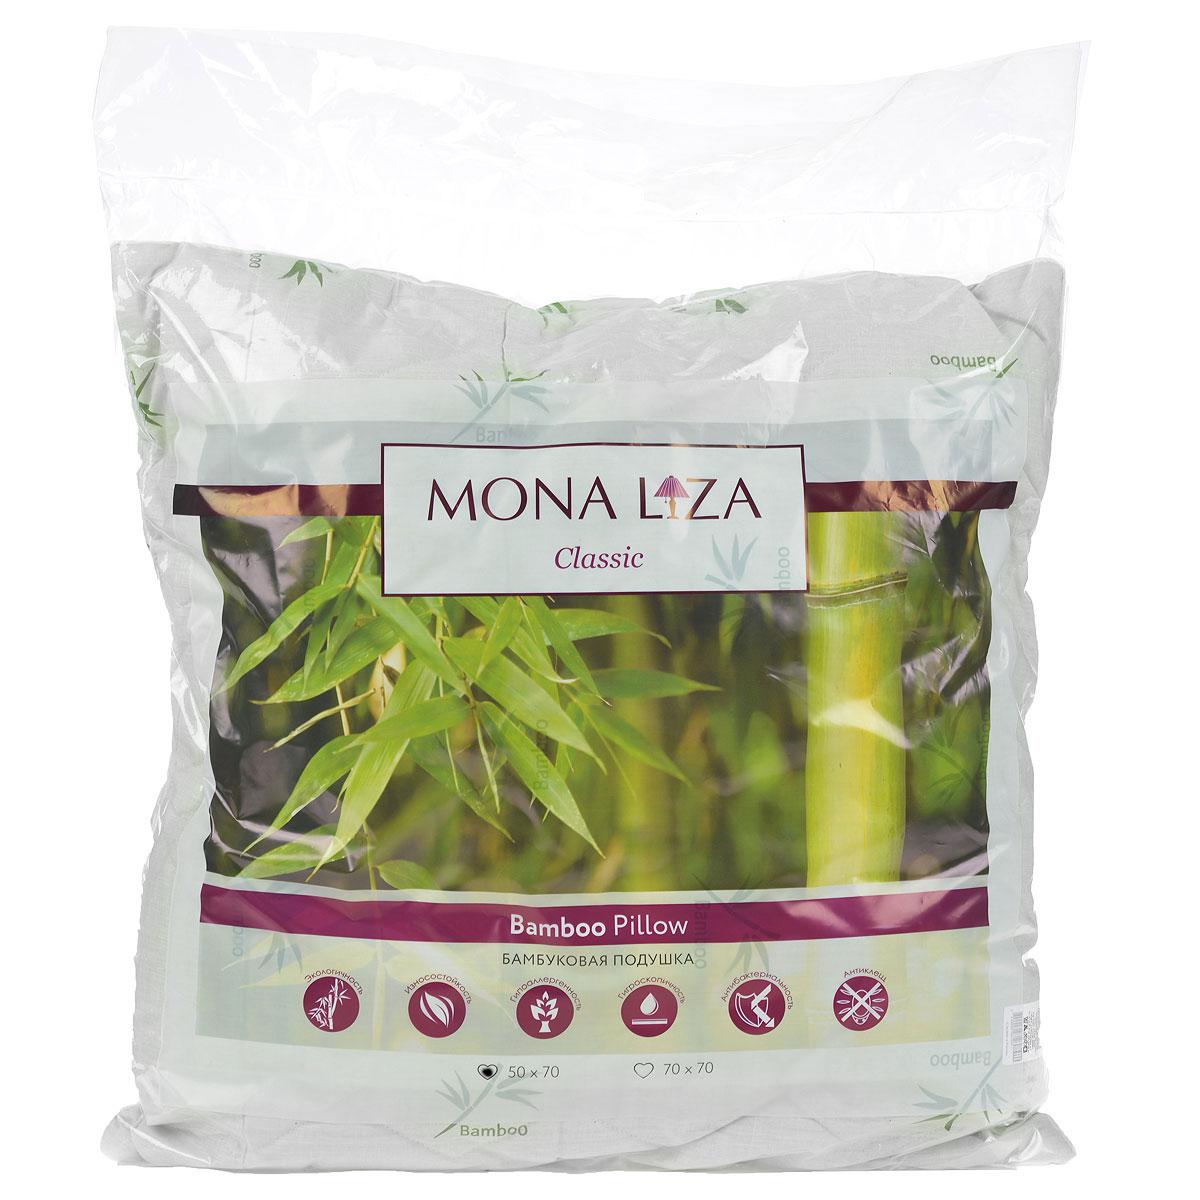 Подушка Mona Liza, цвет: белый, 50 х 70 см. 539414S03301004Подушка Mona Liza подарит вам незабываемое чувство комфорта и умиротворения. Чехол выполнен из поликоттона, украшен изображением стеблей бамбука, фигурной стежкой и кантом по краю. В качестве наполнителя используется бамбуковое волокно, которое обладает удивительным балансом различных свойств и удовлетворяет требования даже самого изысканного покупателя. Такой наполнитель сохраняет ценные свойства растения и одновременно обеспечивает легкость изделия, мягкость и долговечность. Высокосиликонизированное волокно Royalton придает изделию упругость, быстро восстанавливает форму после смятия, имеет высокую стойкость к ее сохранению с течением времени. Свойства подушки с бамбуком: - Наполнитель обладает природным свойством антибактериальности, как в природе, так и в быту это волокно не повреждается грибками, плесенью и вредителями; это свойство сохраняется при многократных стирках. - Прочность и мягкость: плотность бамбукового волокна в 2 раза выше, чем у хлопка, при этом оно сохраняет устойчивость к механическим воздействиям в сухом и мокром состоянии; в то же время оно мягче хлопка, сходно по структуре с шелком. - Обладает активным влагопоглощением, не рекомендуется для использования в климатических зонах и отдельных помещениях с повышенной влажностью, людям с повышенной влажностью тела. - Не удерживает посторонние запахи, является природным дезодорантом. - Практически не содержит примесей вредных химических соединений, потому что производится путем дробления стебля, обработки его паром и биоферментами. Подушка проста в уходе, подходит для машинной стирки, быстро сохнет. Материал чехла: ткань (50% хлопок, 50% полиэстер), пласт (35% бамбук, 65% полиэстер). Наполнитель: 100% полиэстер.